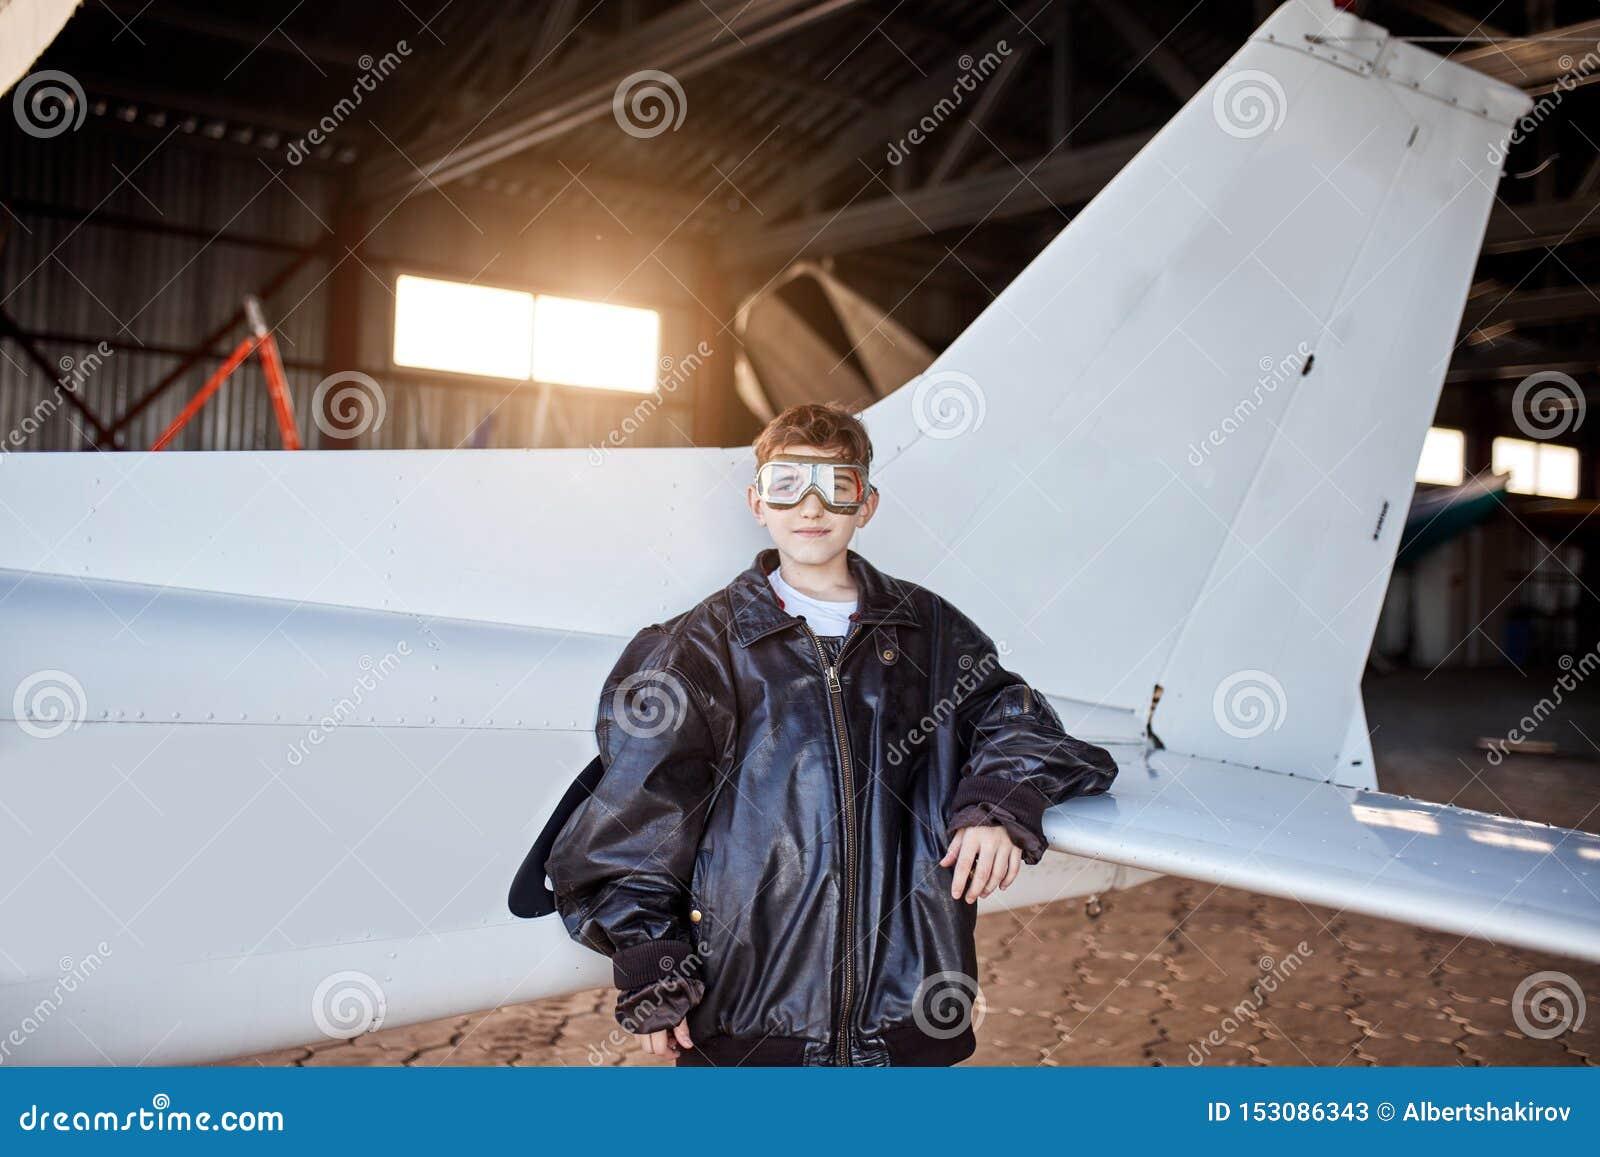 Πορτρέτο του μικρού παιδιού που στέκεται εκτός από την ελαφριά άσπρη ουρά αεροπλάνων μέσα στο υπόστεγο αεροσκαφών